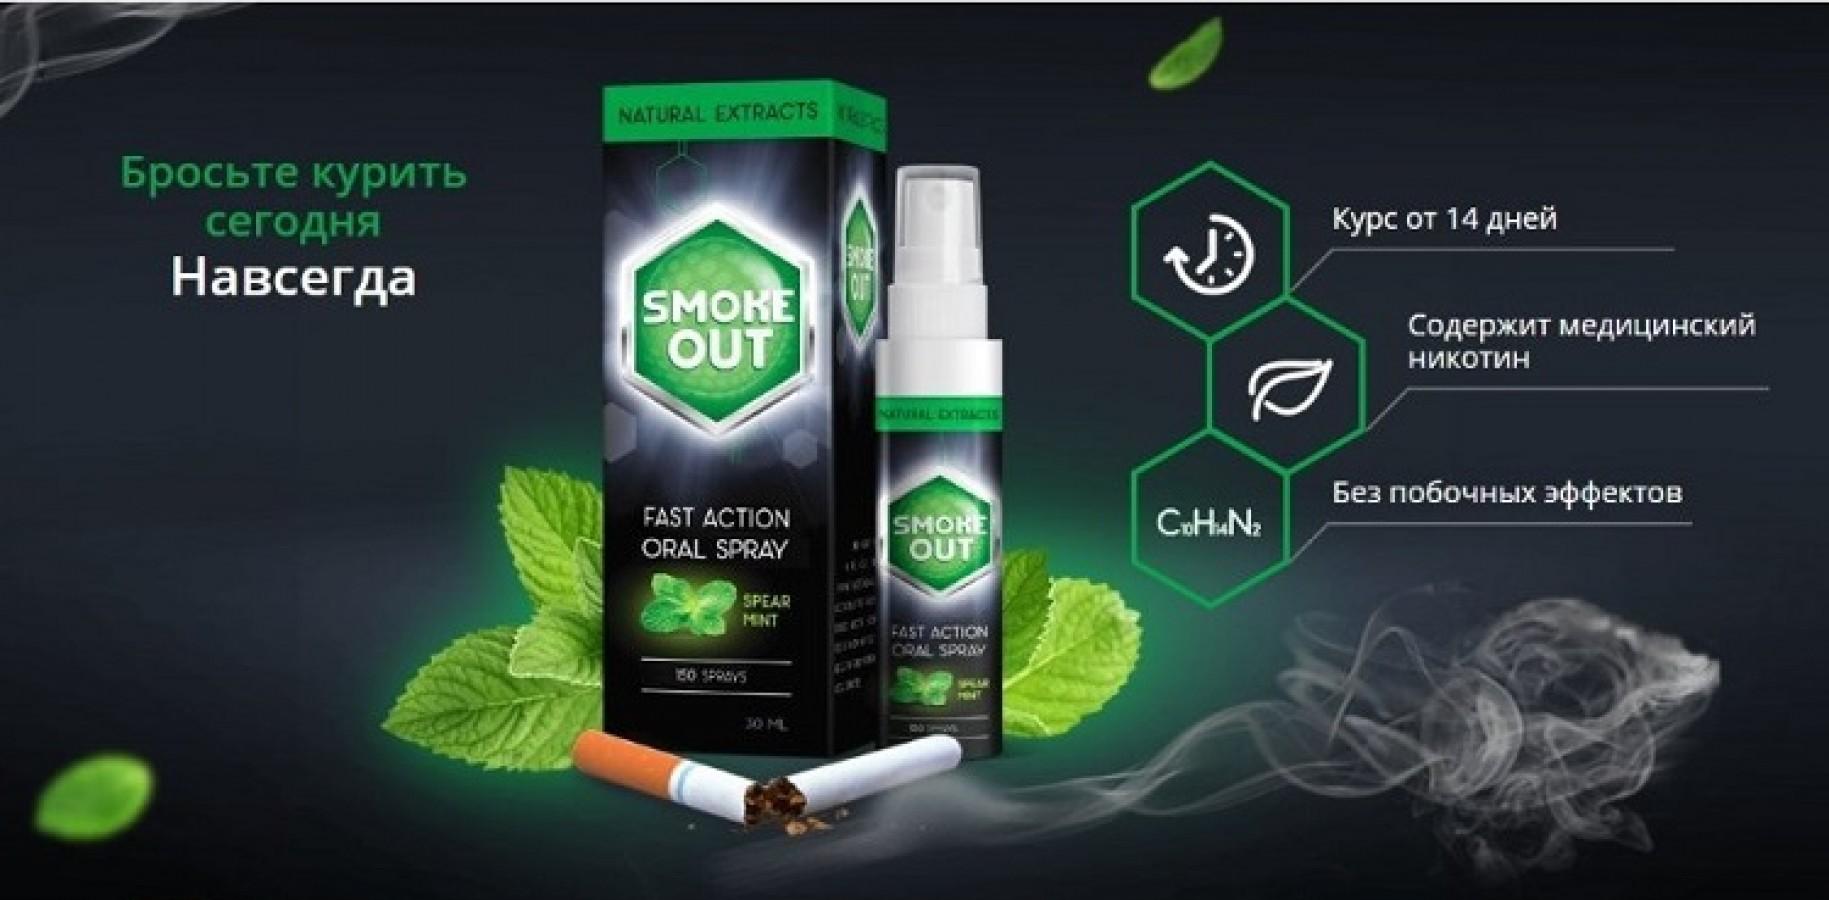 Xịt Hỗ Trợ Cai Thuốc Lá Smoke Out Của Nga